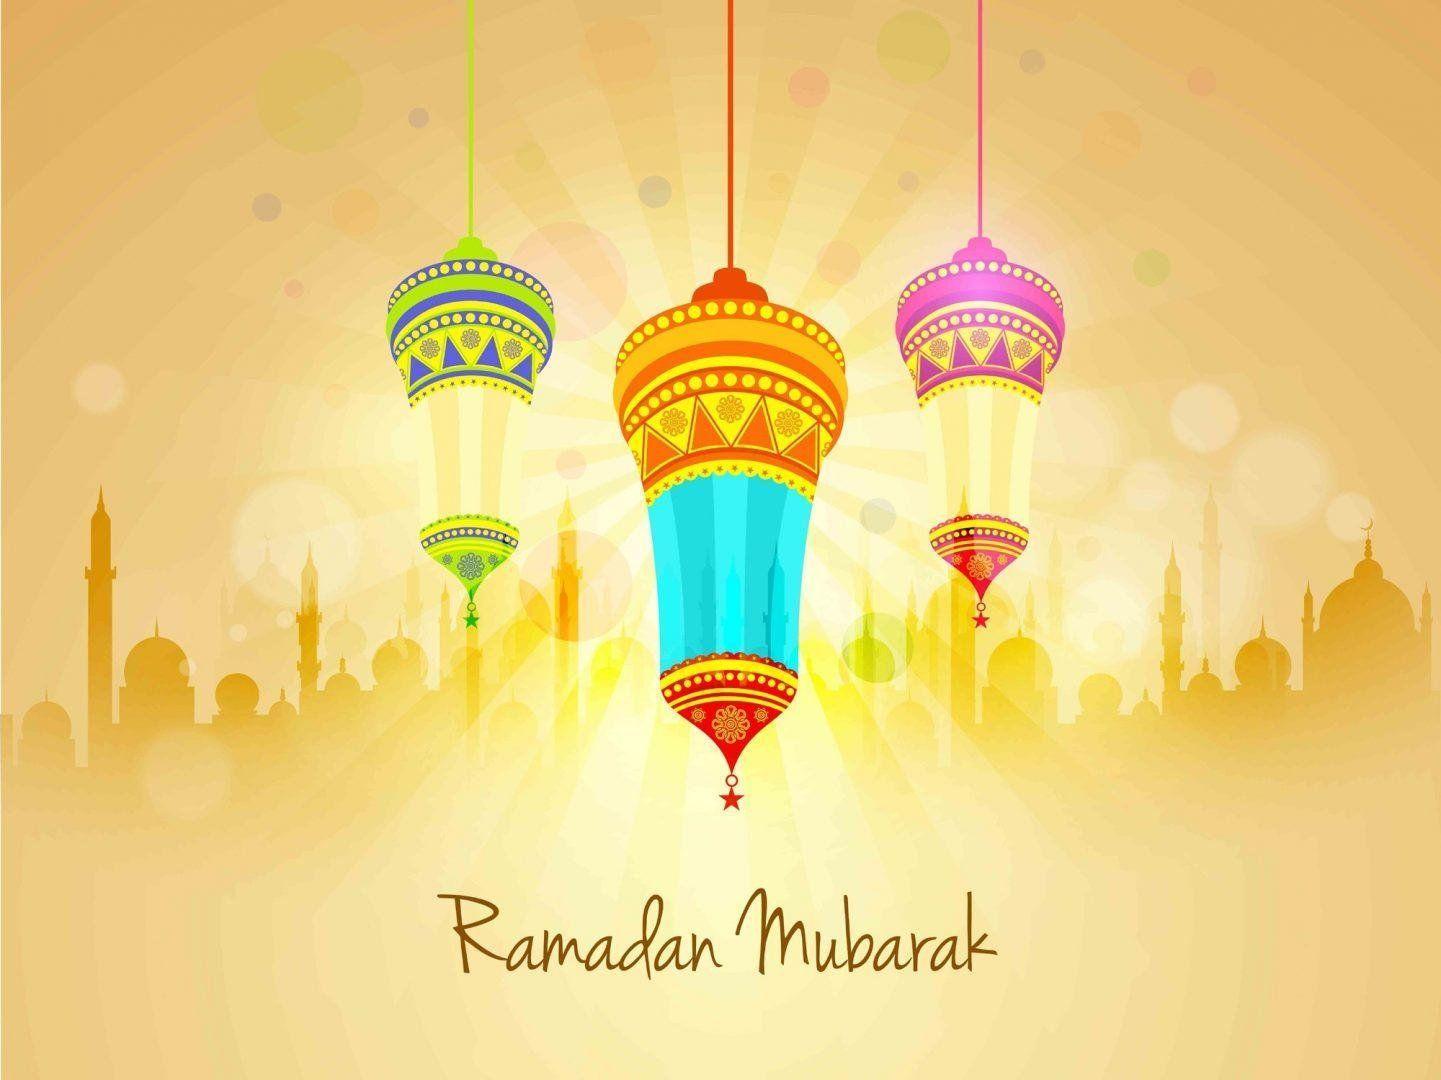 Ramadan Mubarak Wallpapers Top Free Ramadan Mubarak Backgrounds